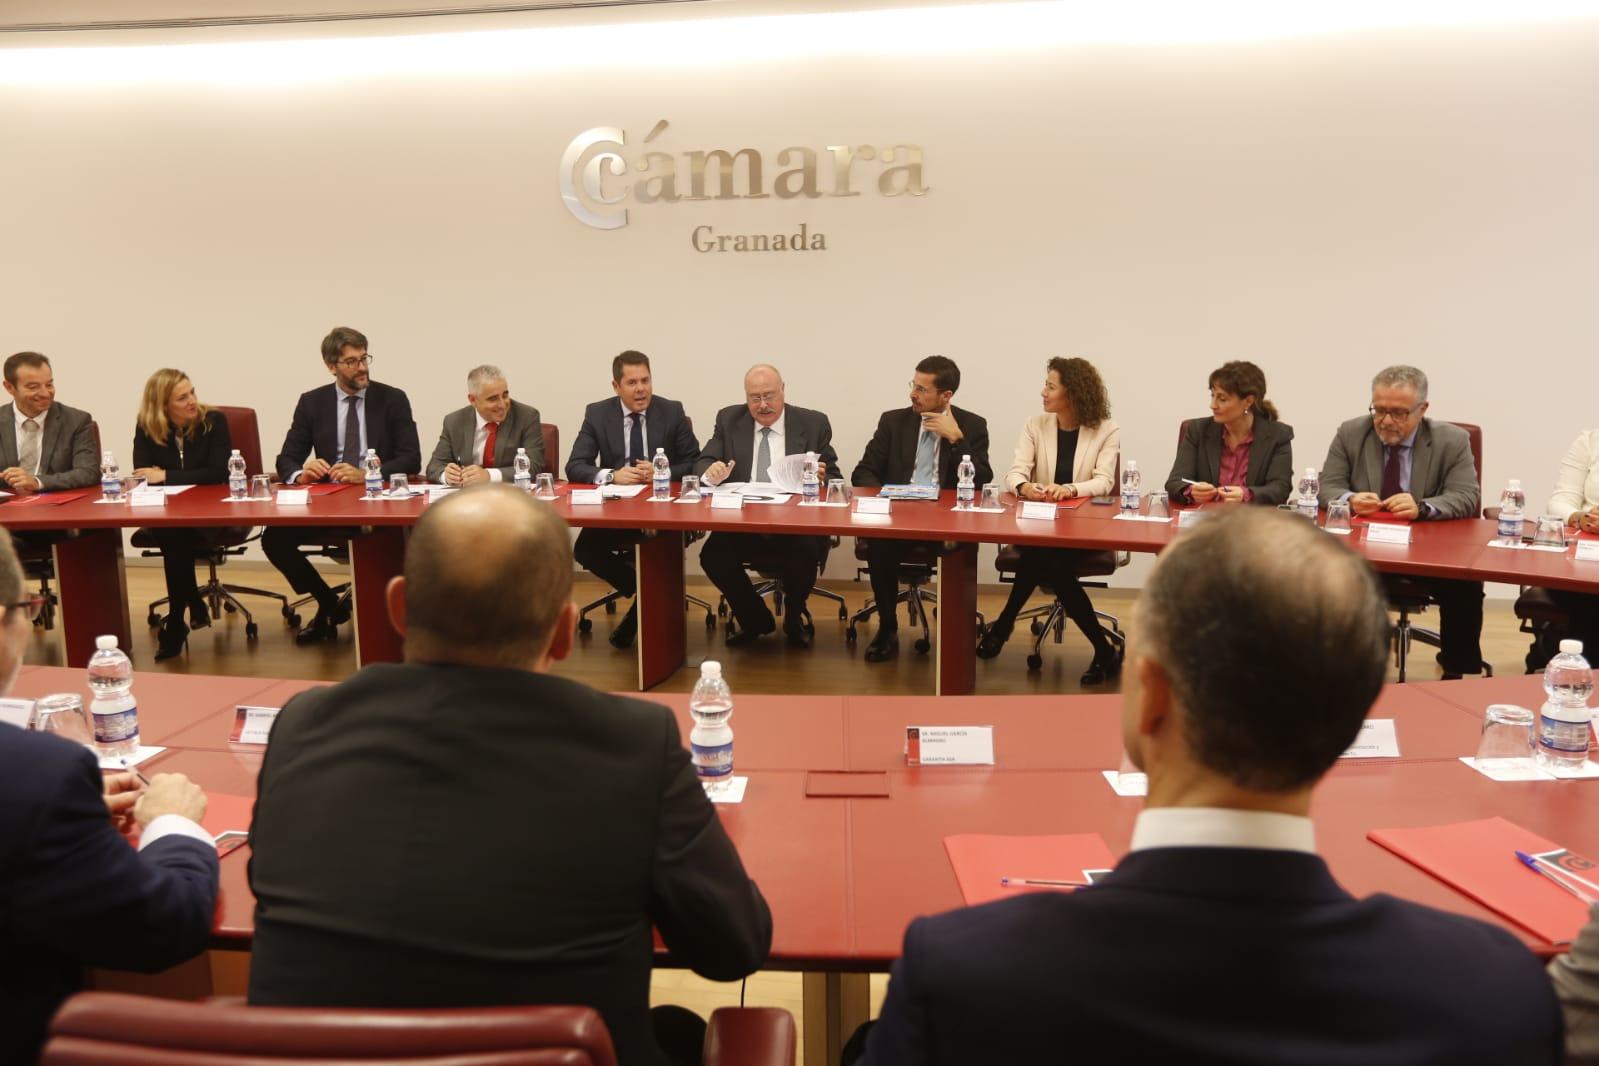 Foro de trabajo 'Directores Financieros Marco Emprendimiento', en la Cámara de Comercio de Granada